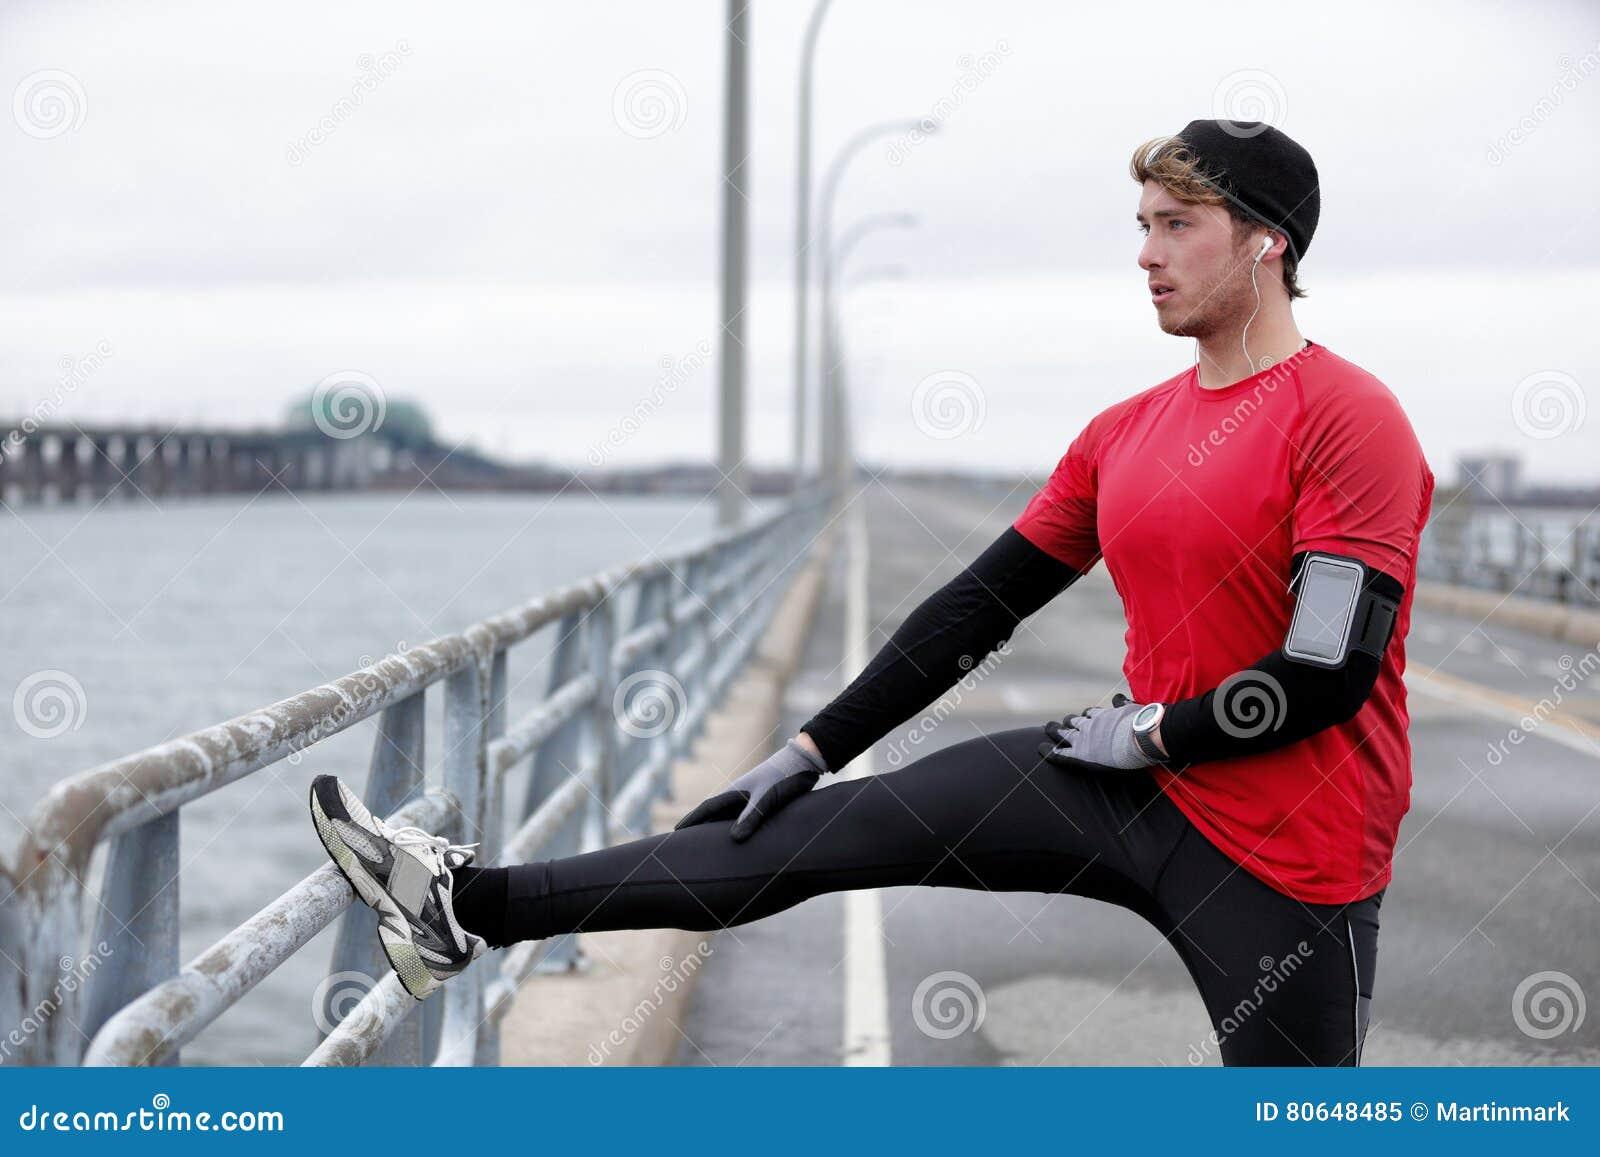 Zimy sprawności fizycznej bieg mężczyzna rozgrzewka rozciąga nogi